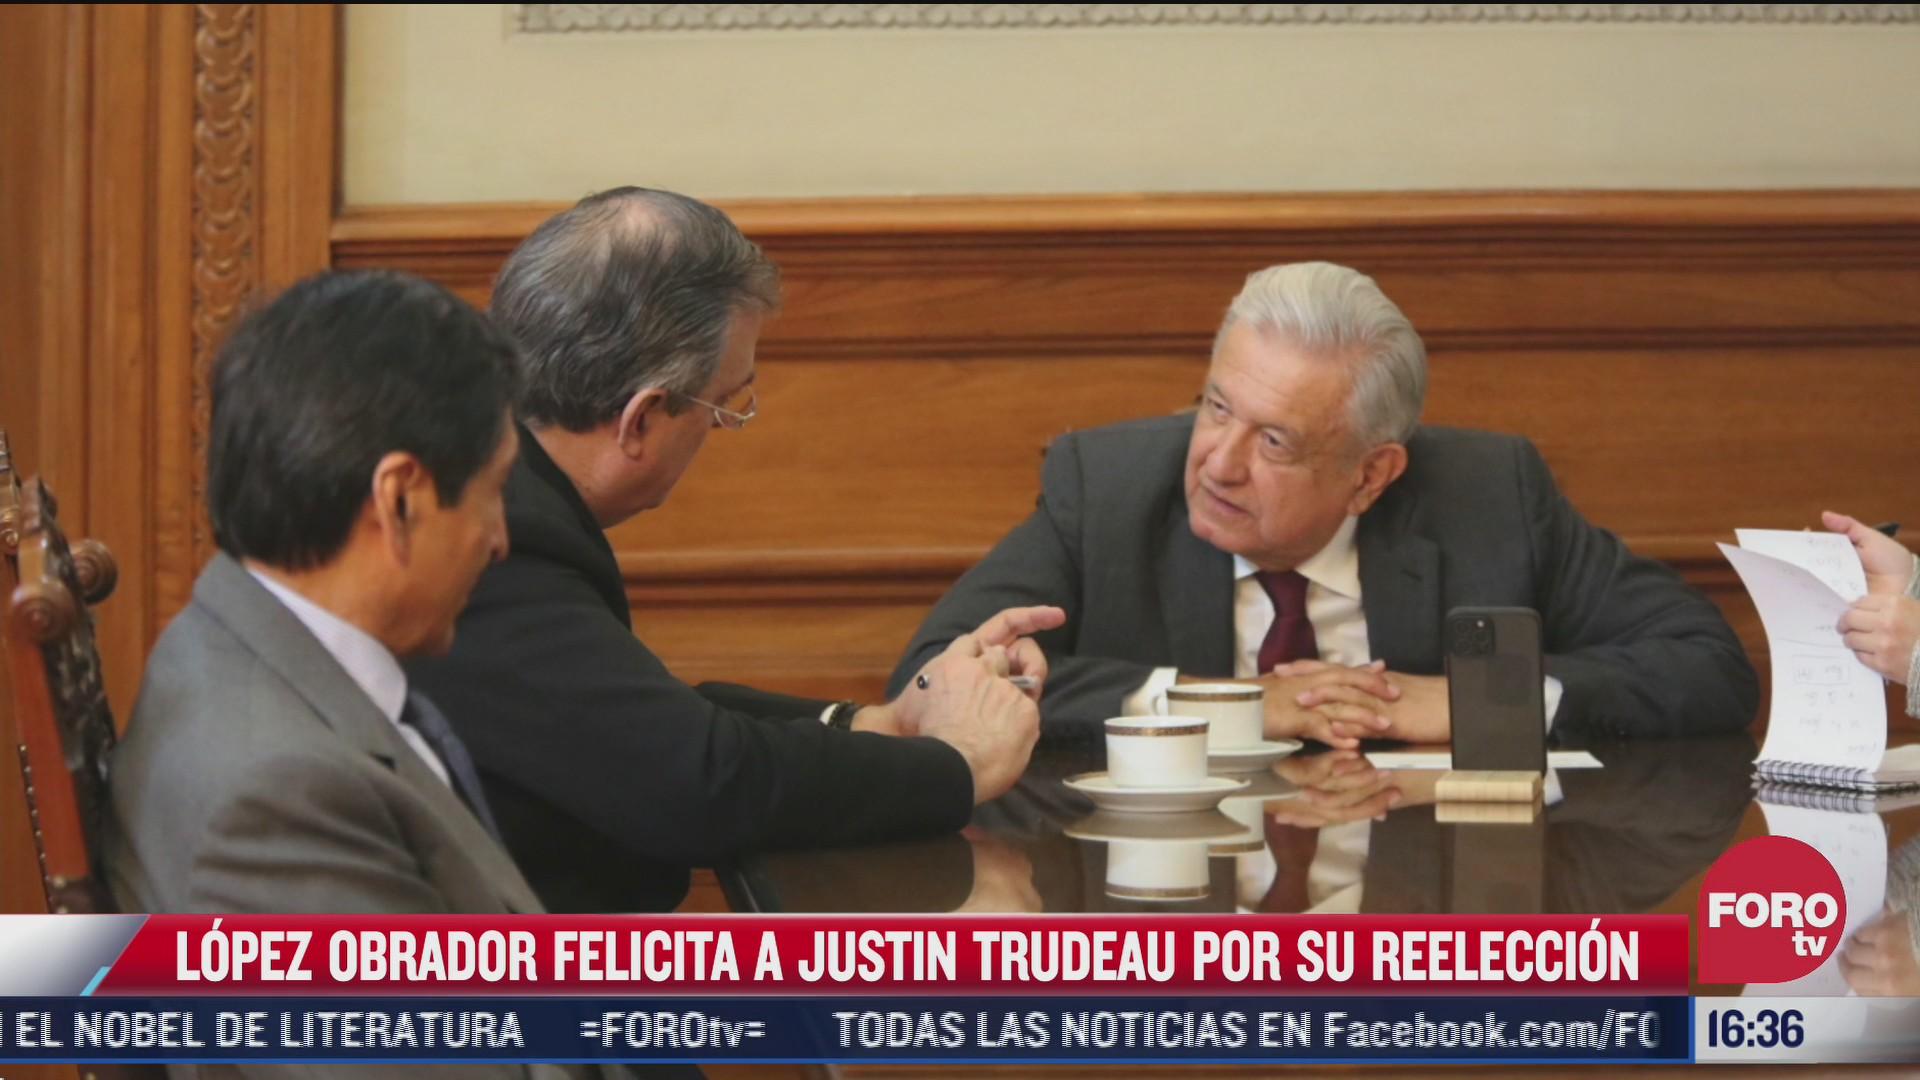 amlo felicita a justin trudeau por su reeleccion en canada